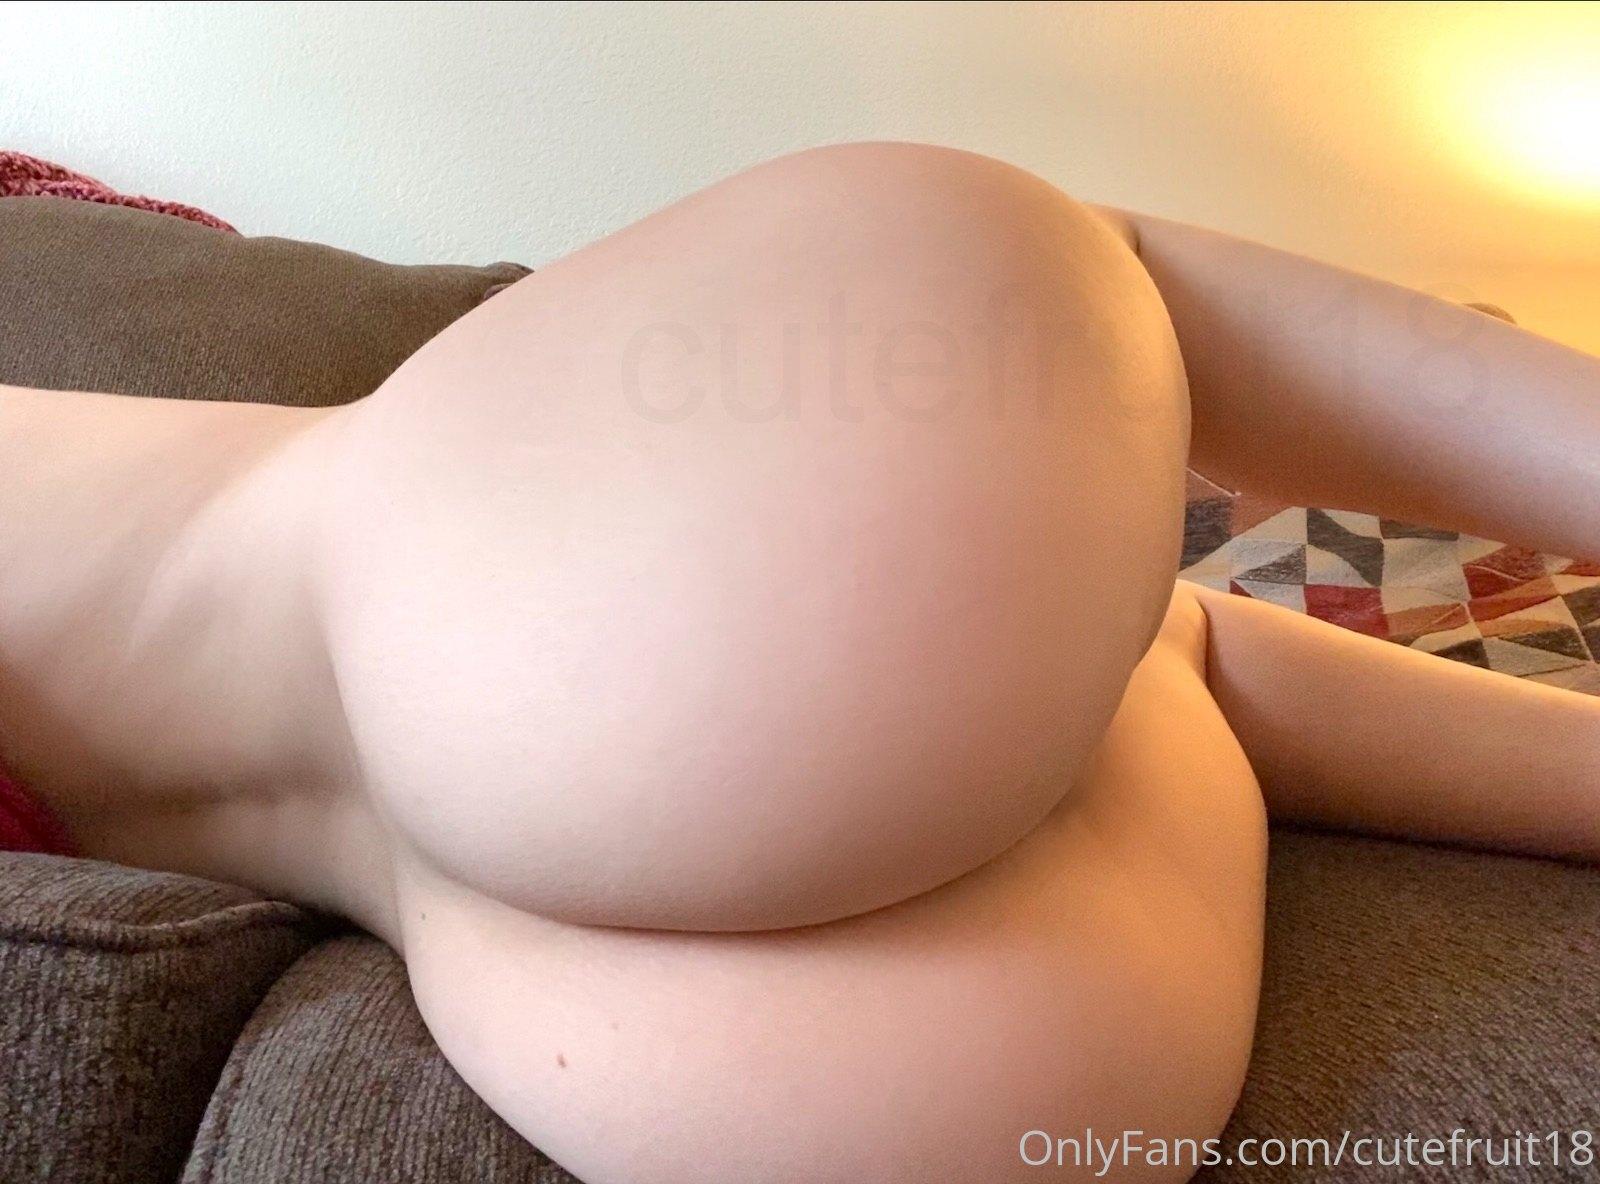 Rita, Cutefruit18, Onlyfans 0271